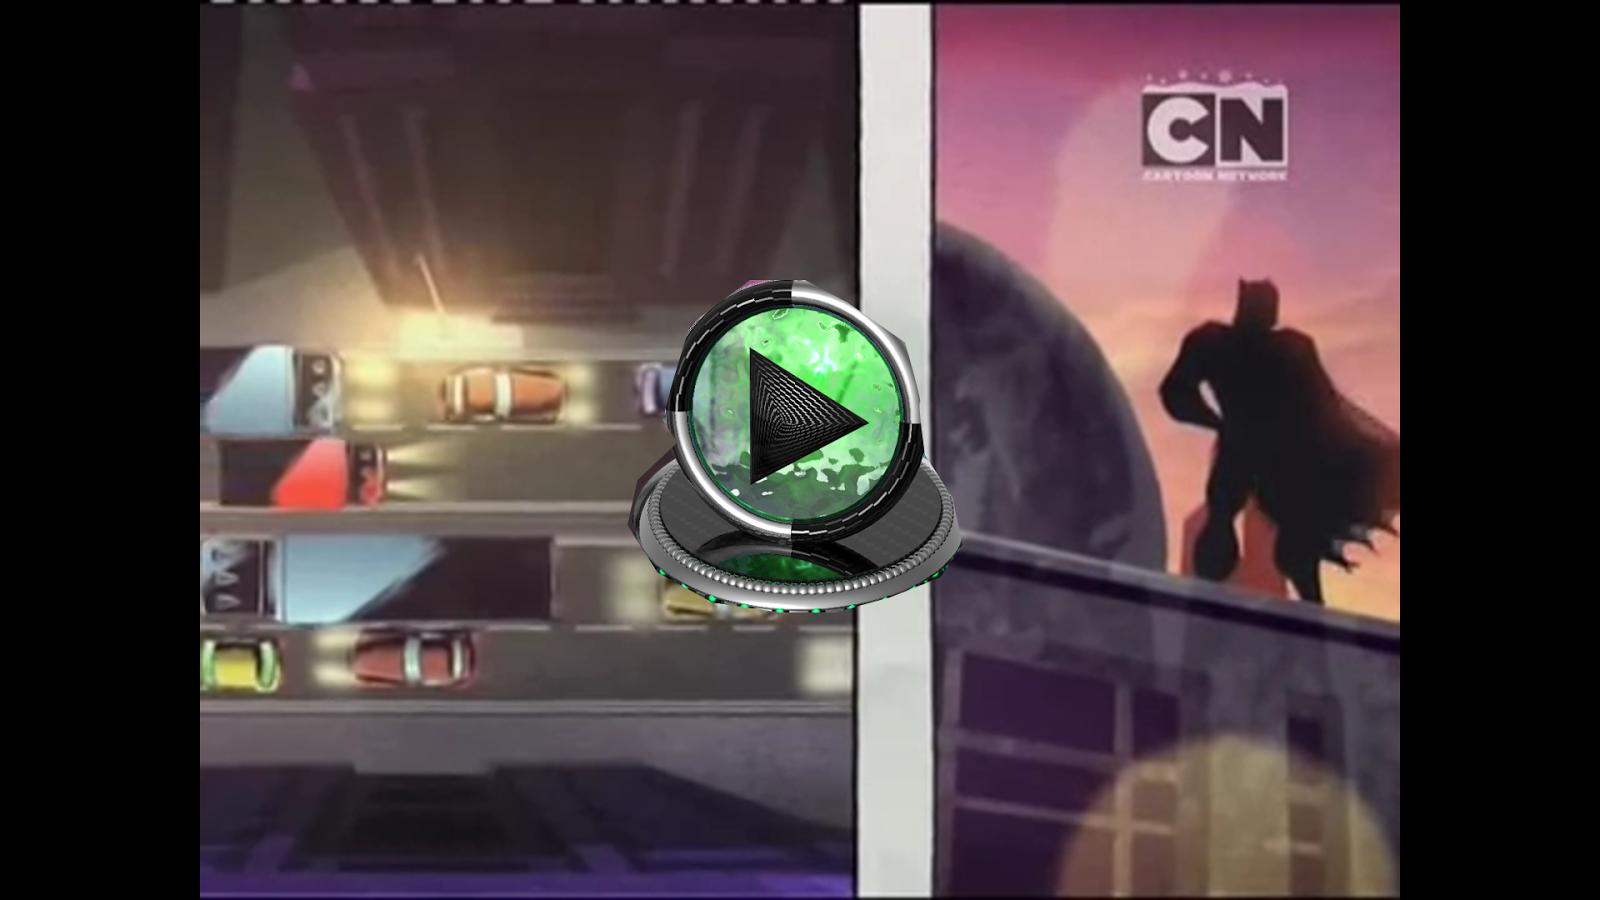 http://theultimatevideos.blogspot.com/2015/01/ben-10-vs-batman-bumper-4.html